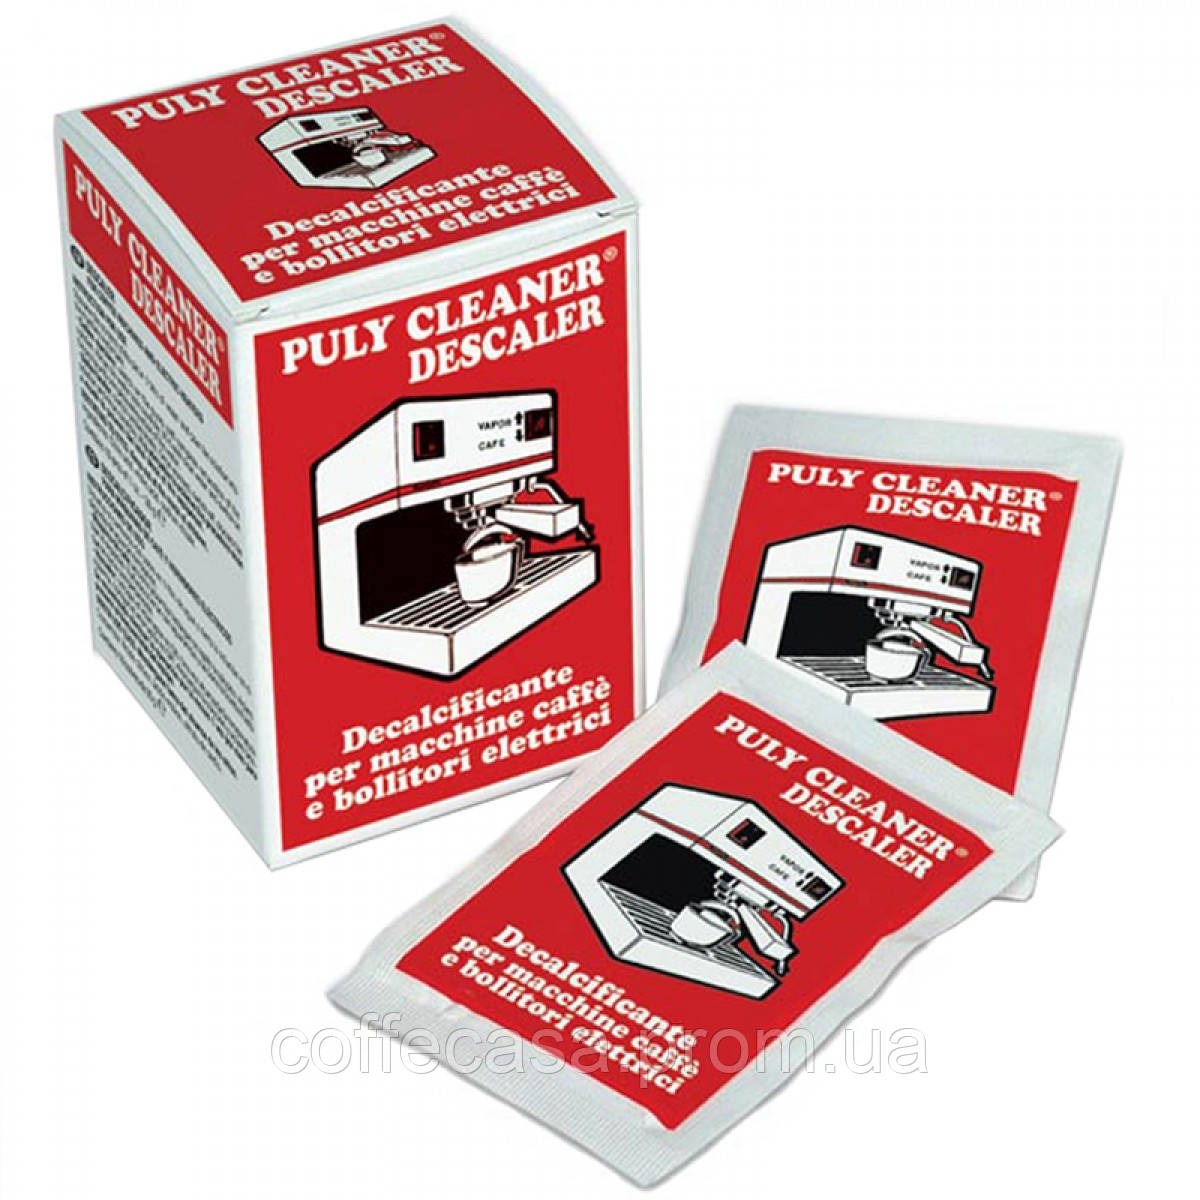 Порошок от накипи для чистки домашних кофеварок и суперавтоматов Puly Cleaner Descaler